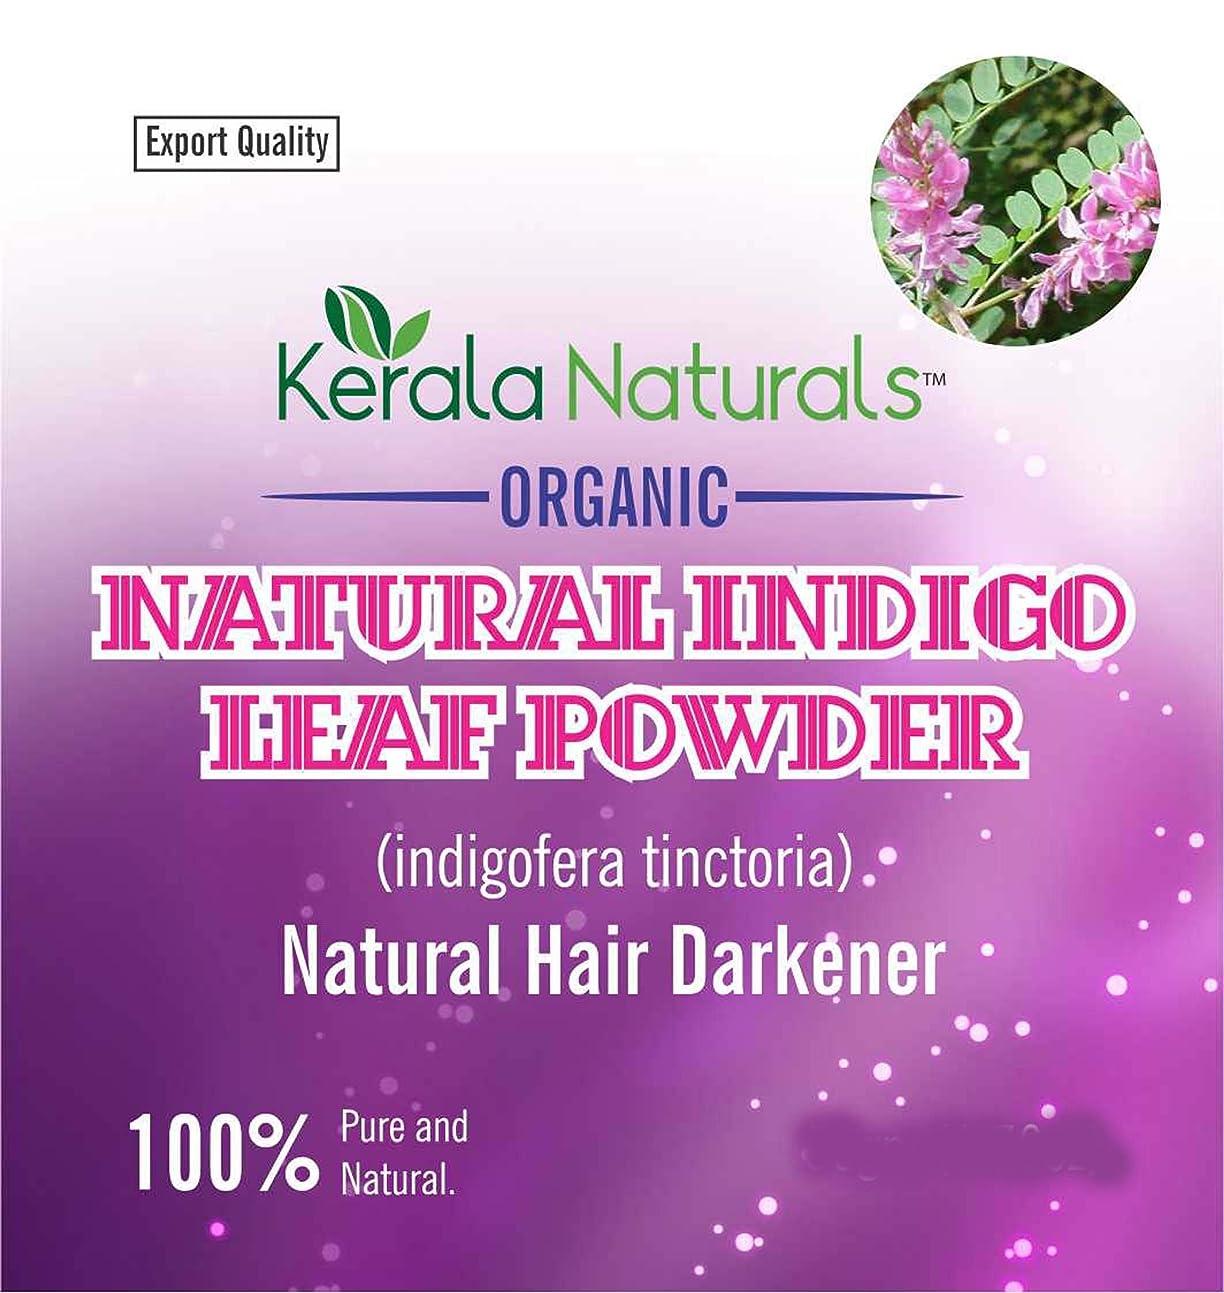 経度使用法試用Pure indigo powder 200g ((Indigofera tinctoria)